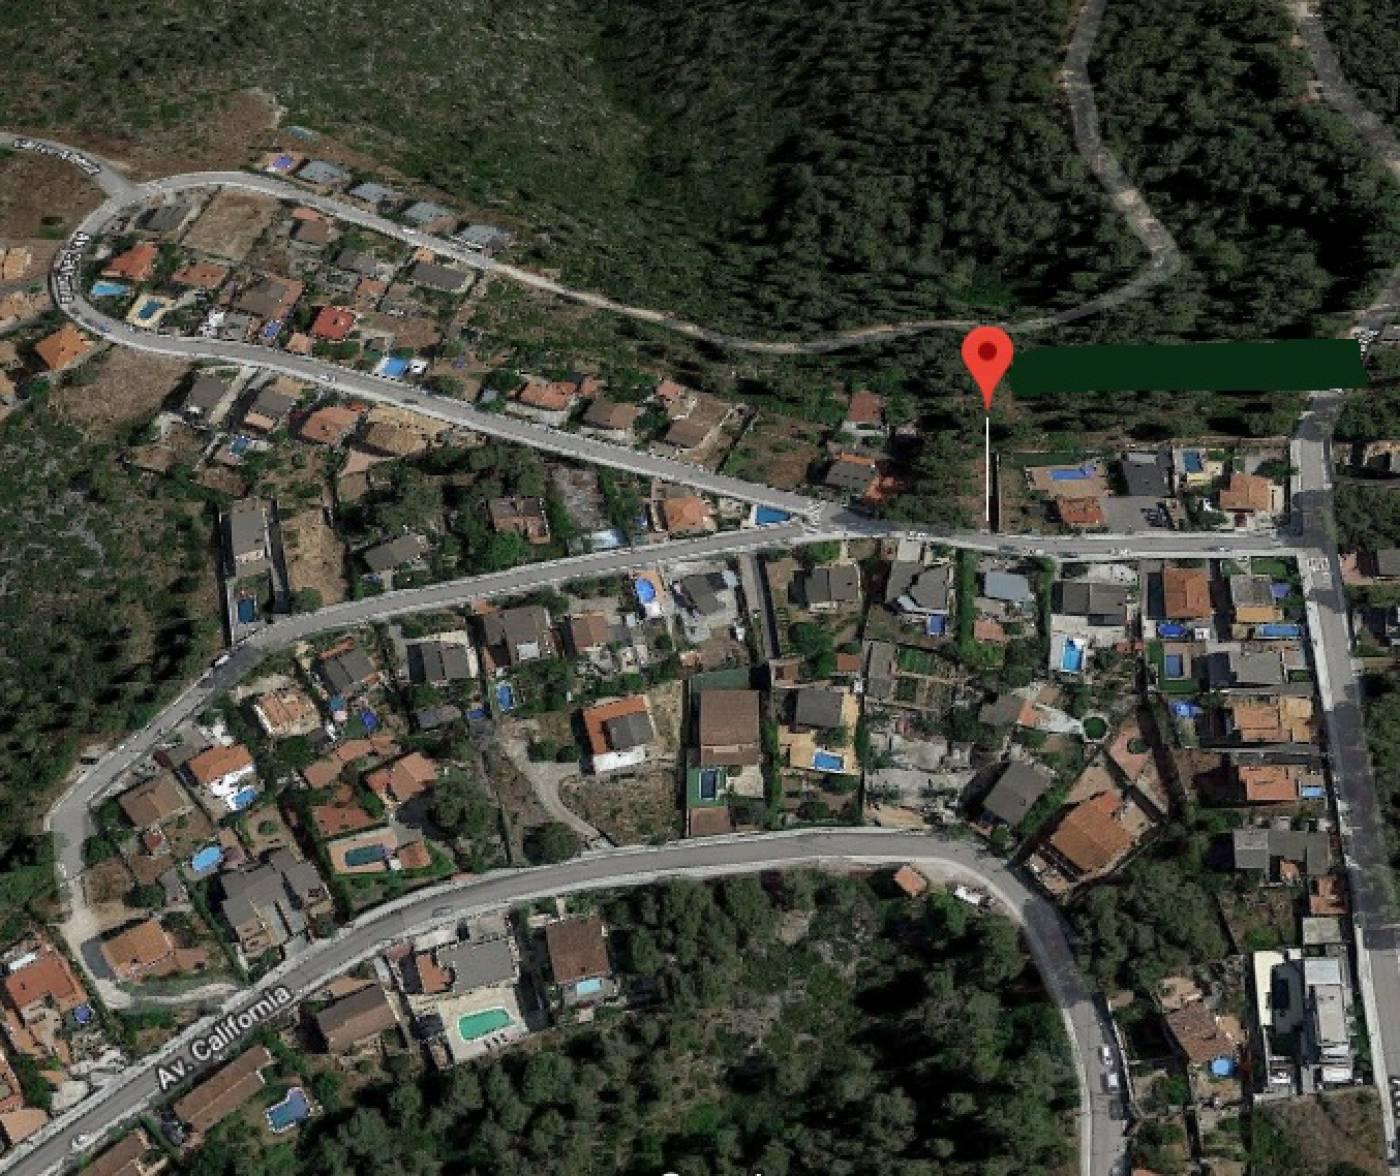 Parcela De Terreno De 750 M2, En Venta, En La Urbanización